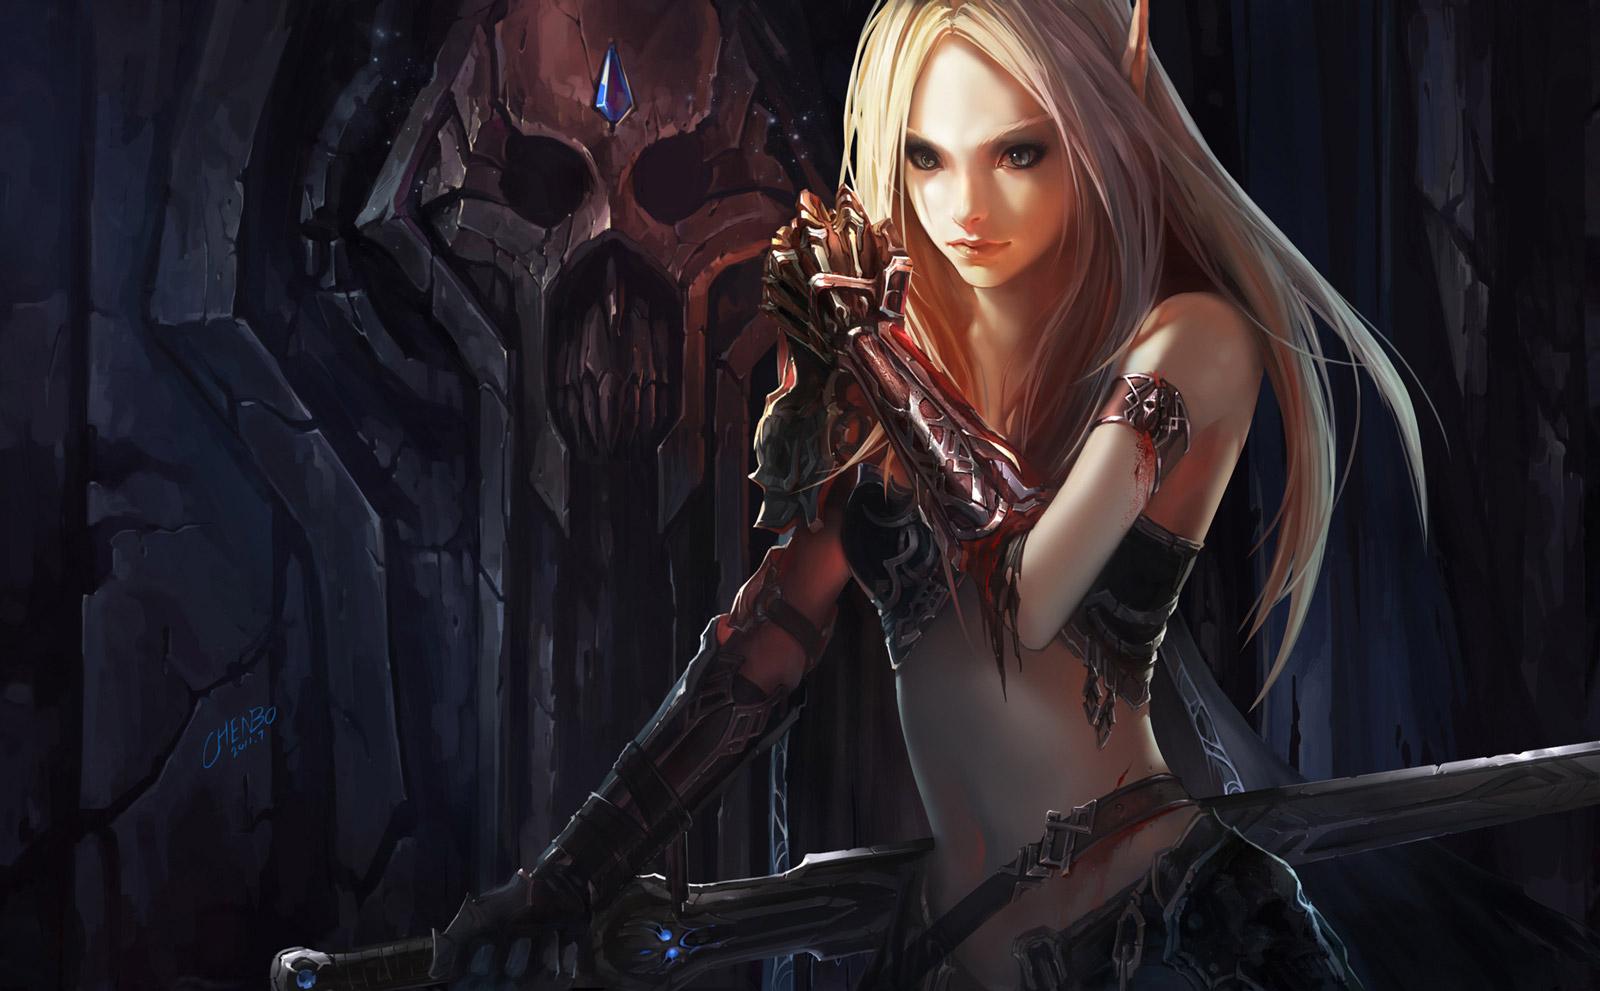 Sexy Female Blood Elf